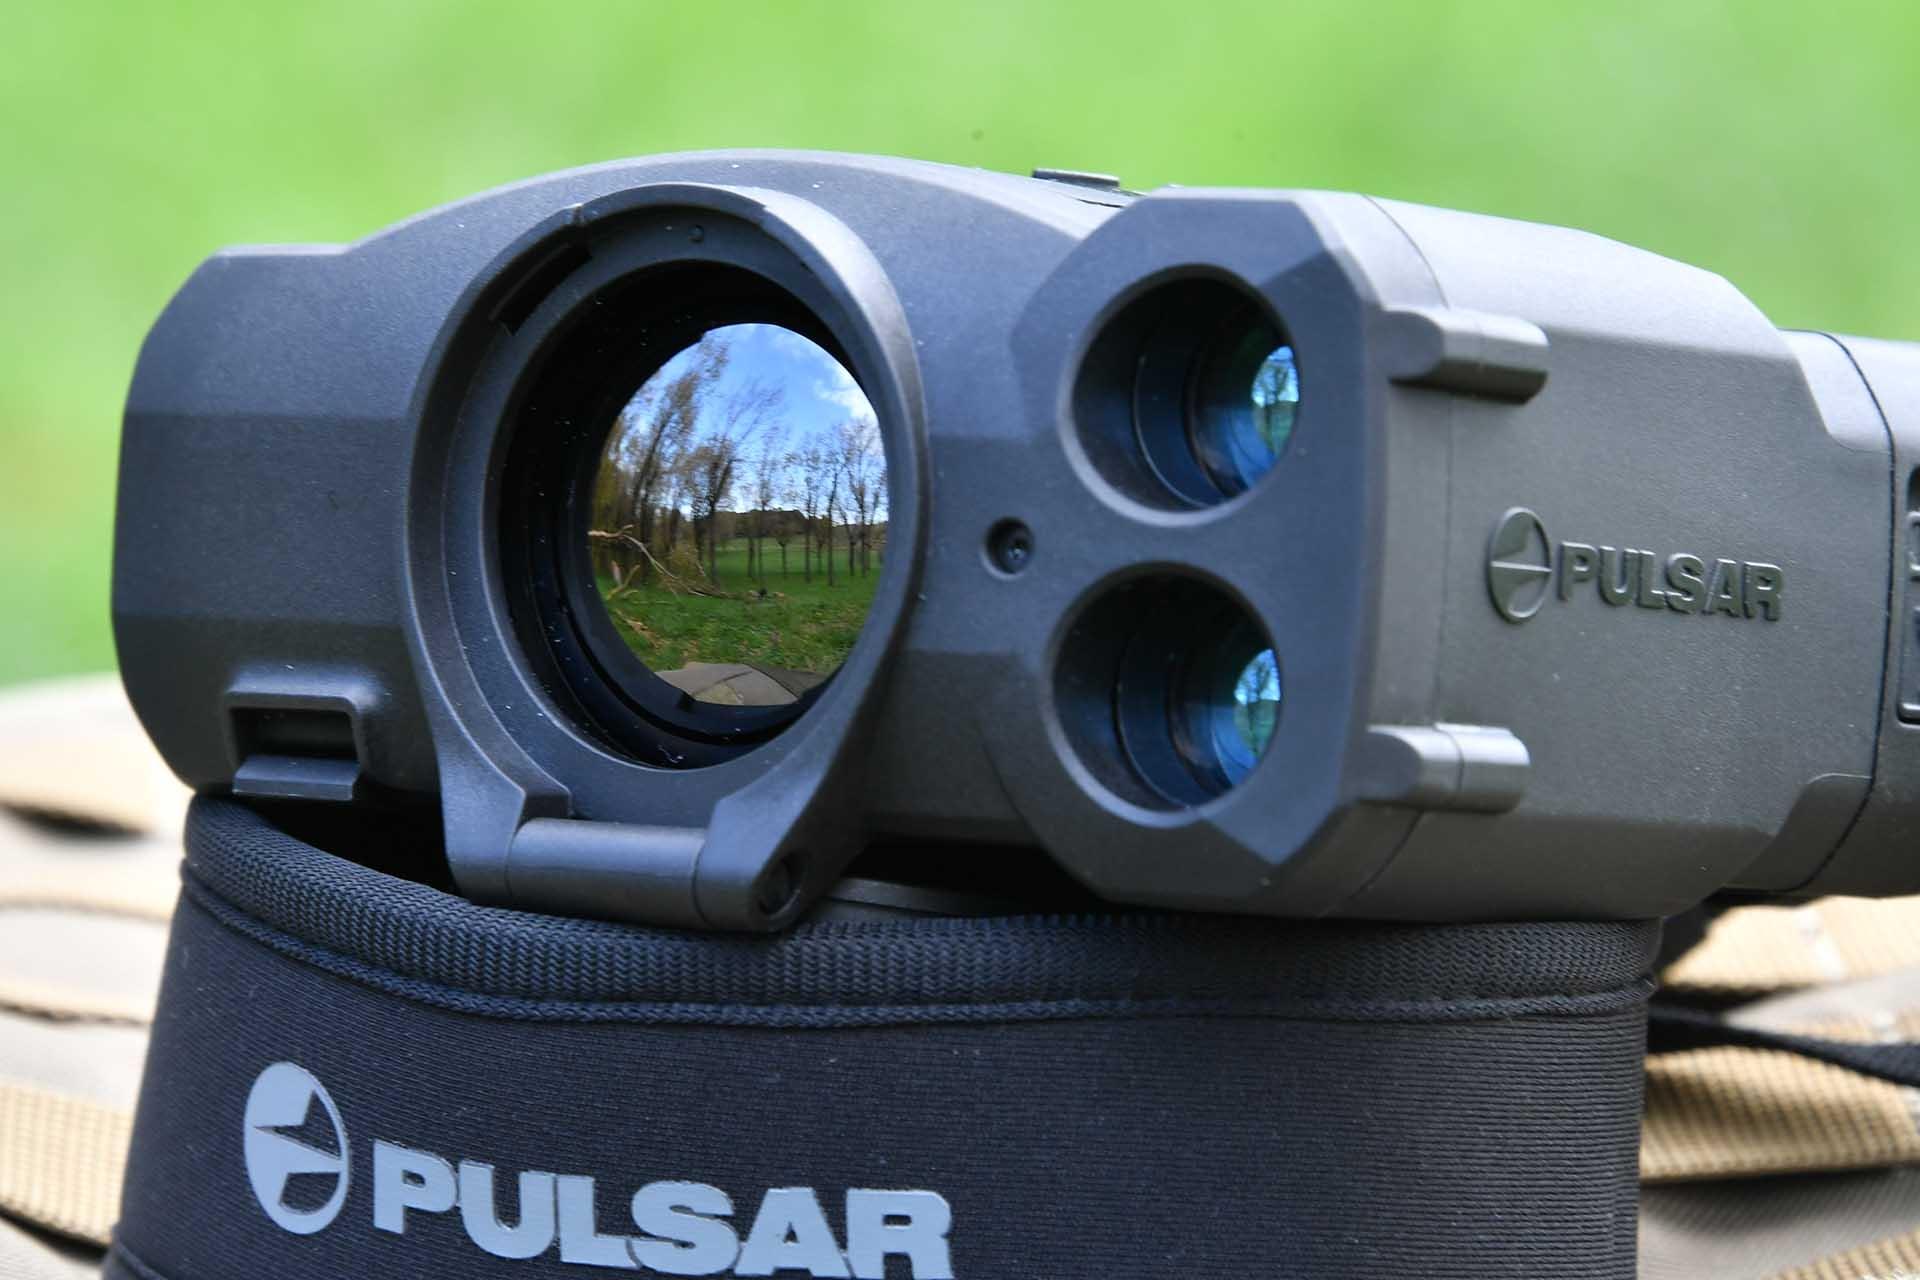 фото тепловизионного охотничьего прицела Pulsar Accolade LRF XP50